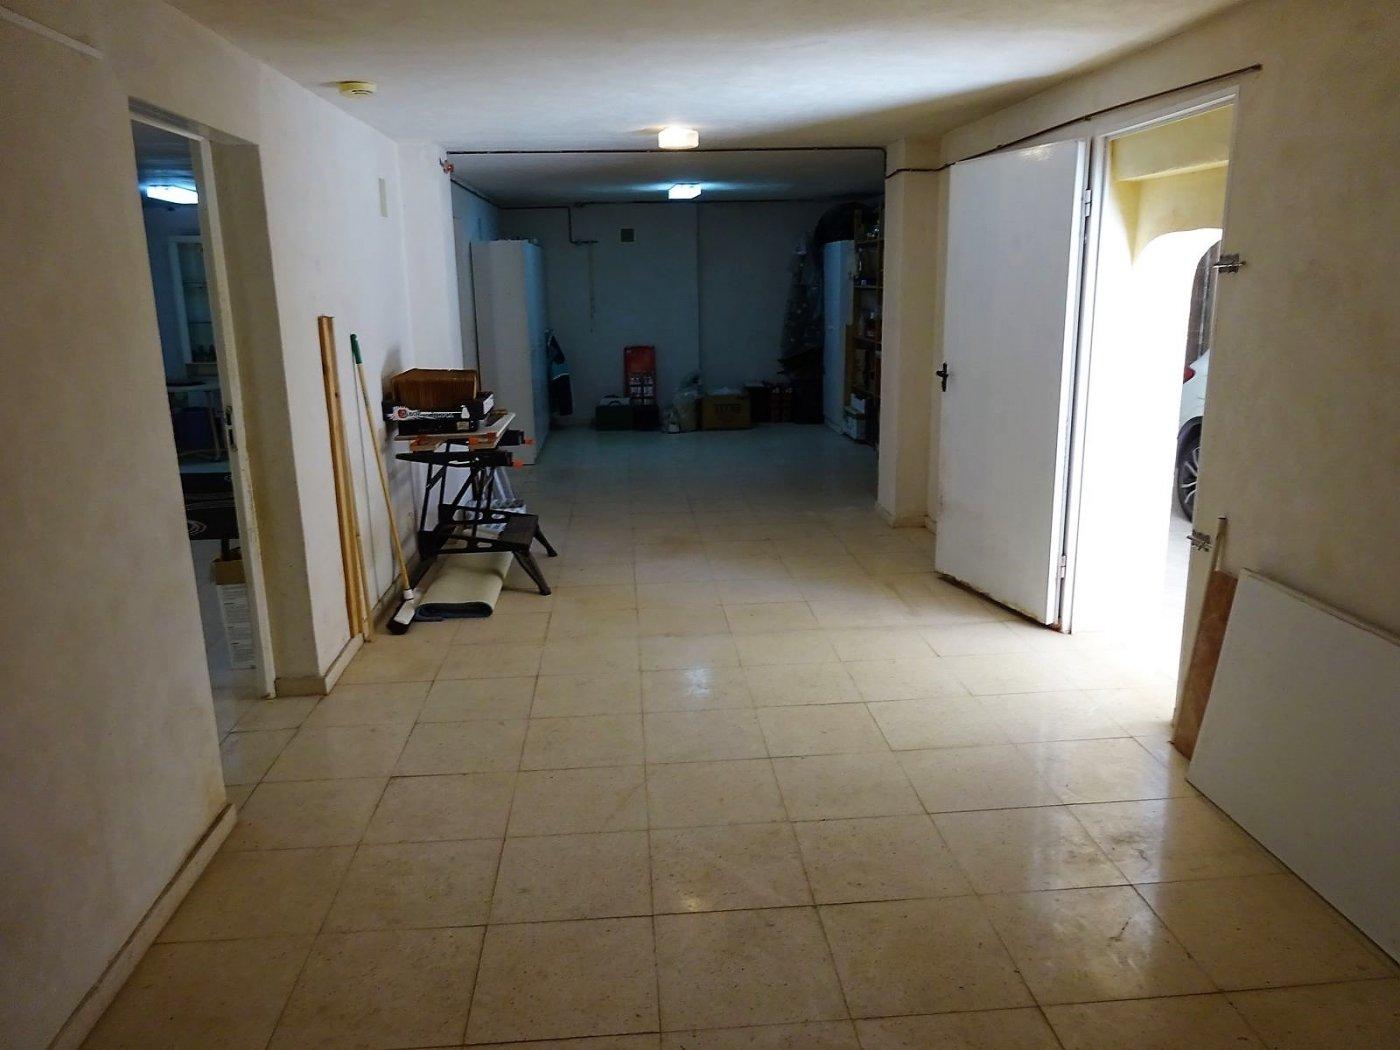 Villa - Ready To Move And Live - La Nucia - La Nucia